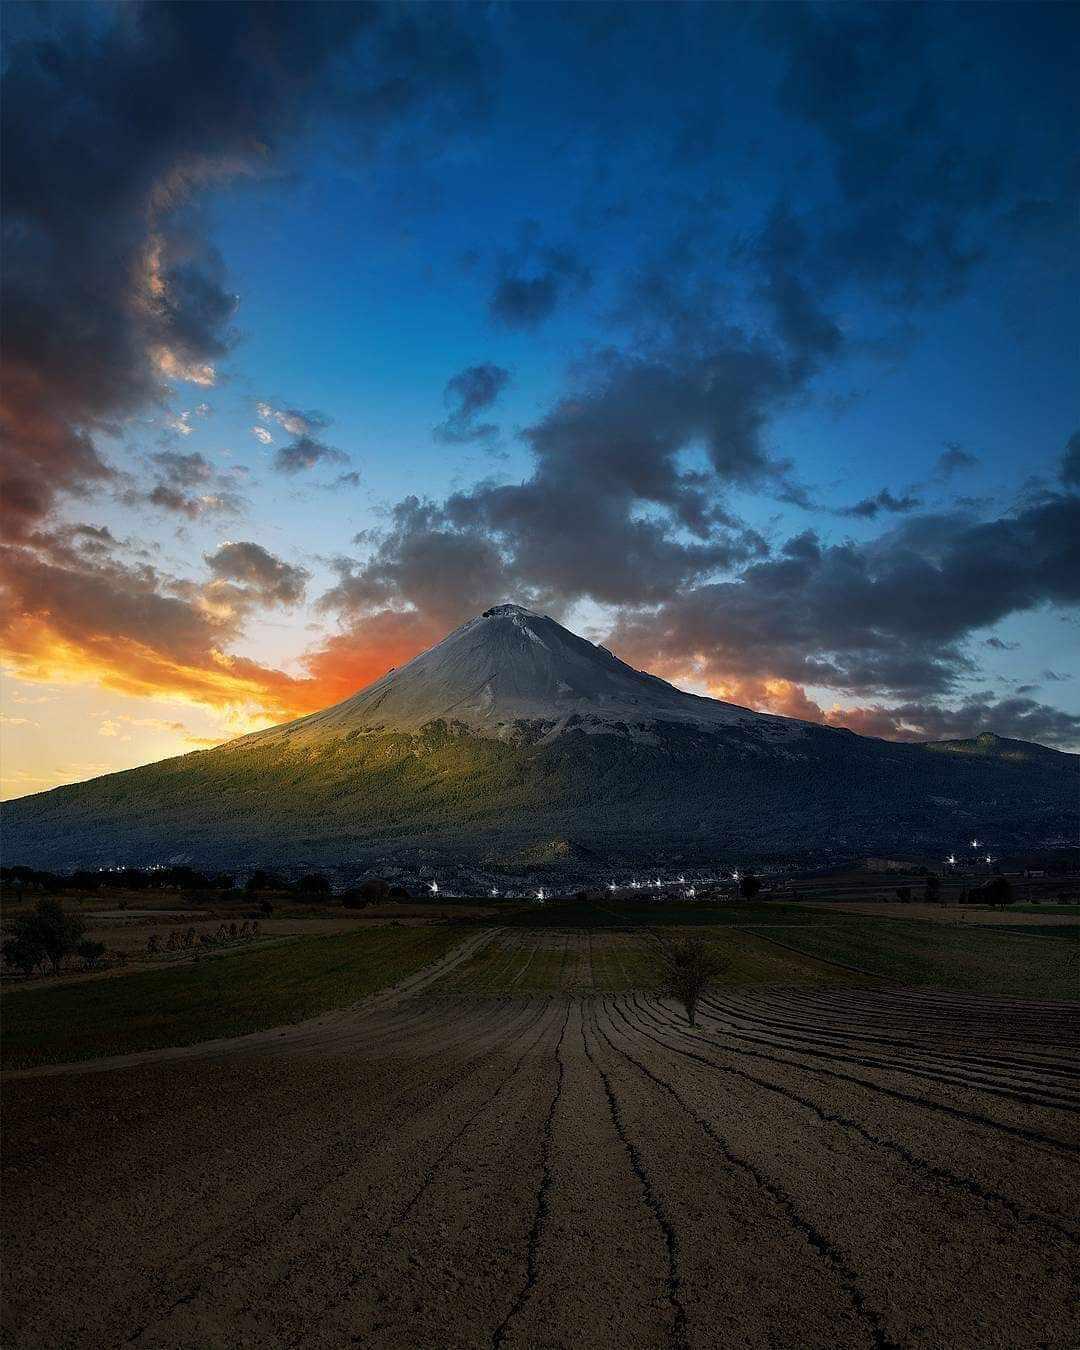 Volcán Popocatépetl Puebla, México. 🇲🇽